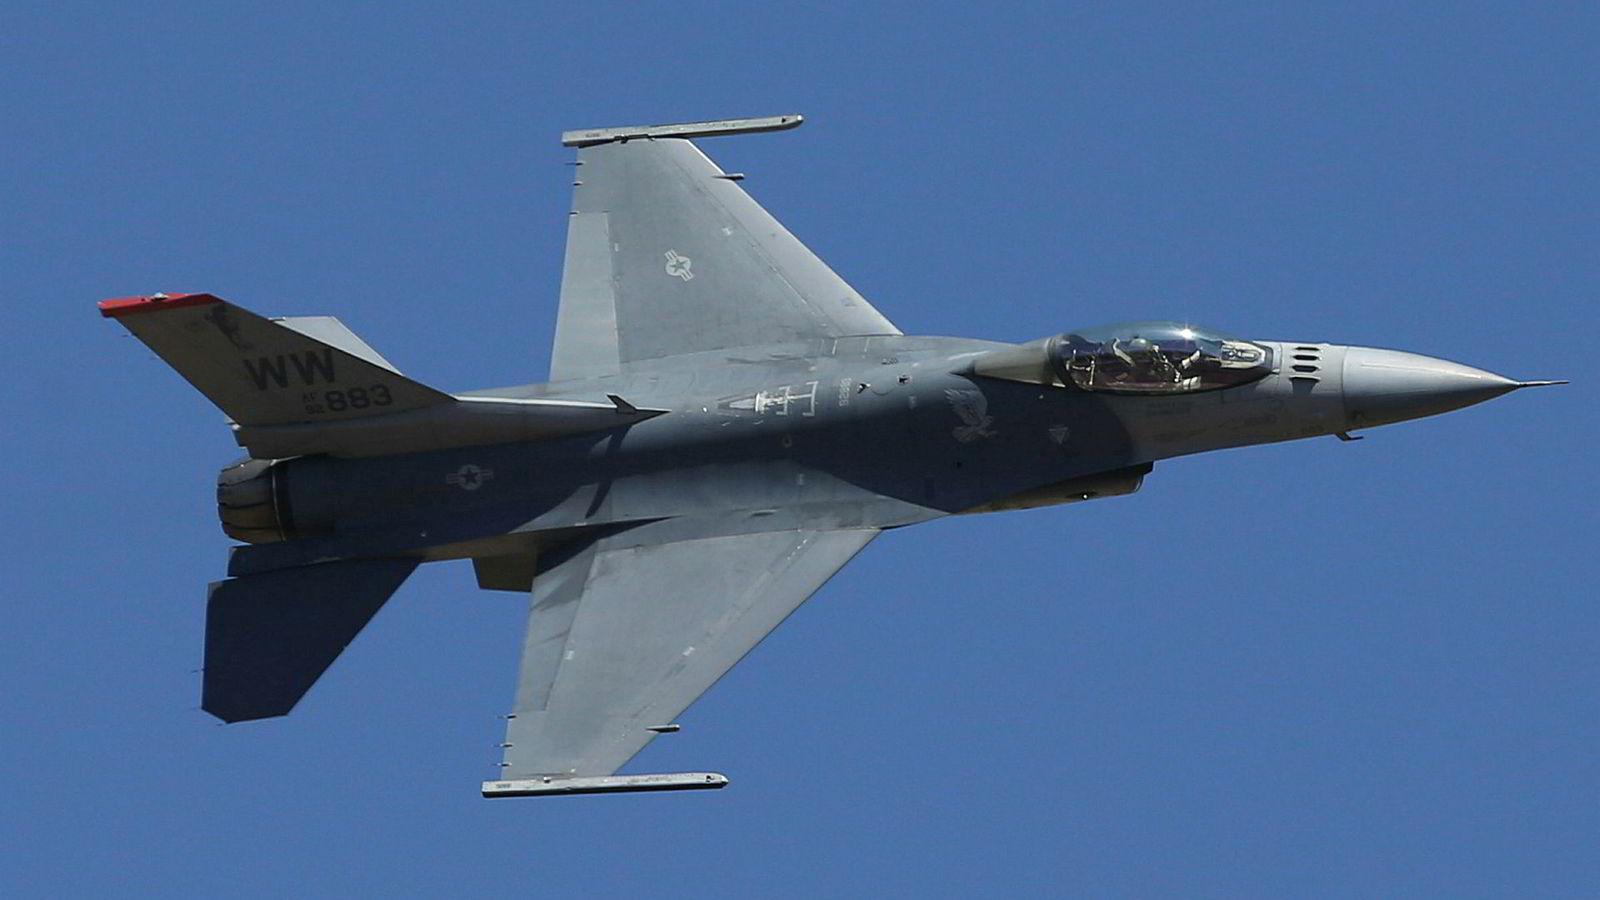 Et amerikansk jagerfly av typen F-16 under en oppvisning i India. Trump-administrasjonen vil selge jagerfly til Taiwan, noe som neppe vil bli tatt godt imot i Beijing.